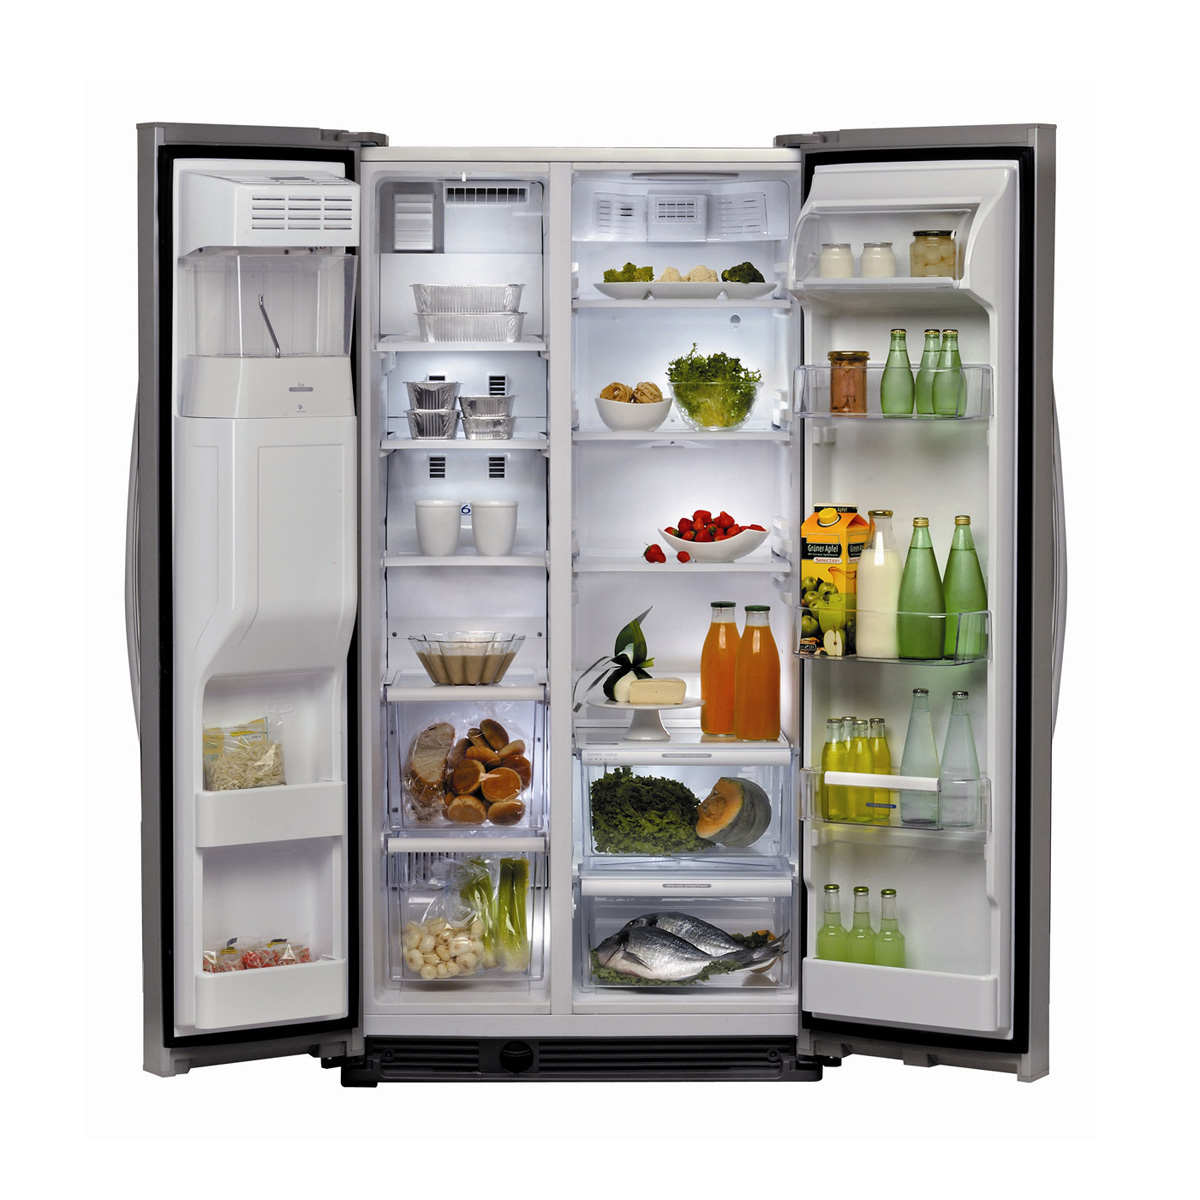 Prudence petitpas videur de frigo - Petit frigo avec congelateur ...